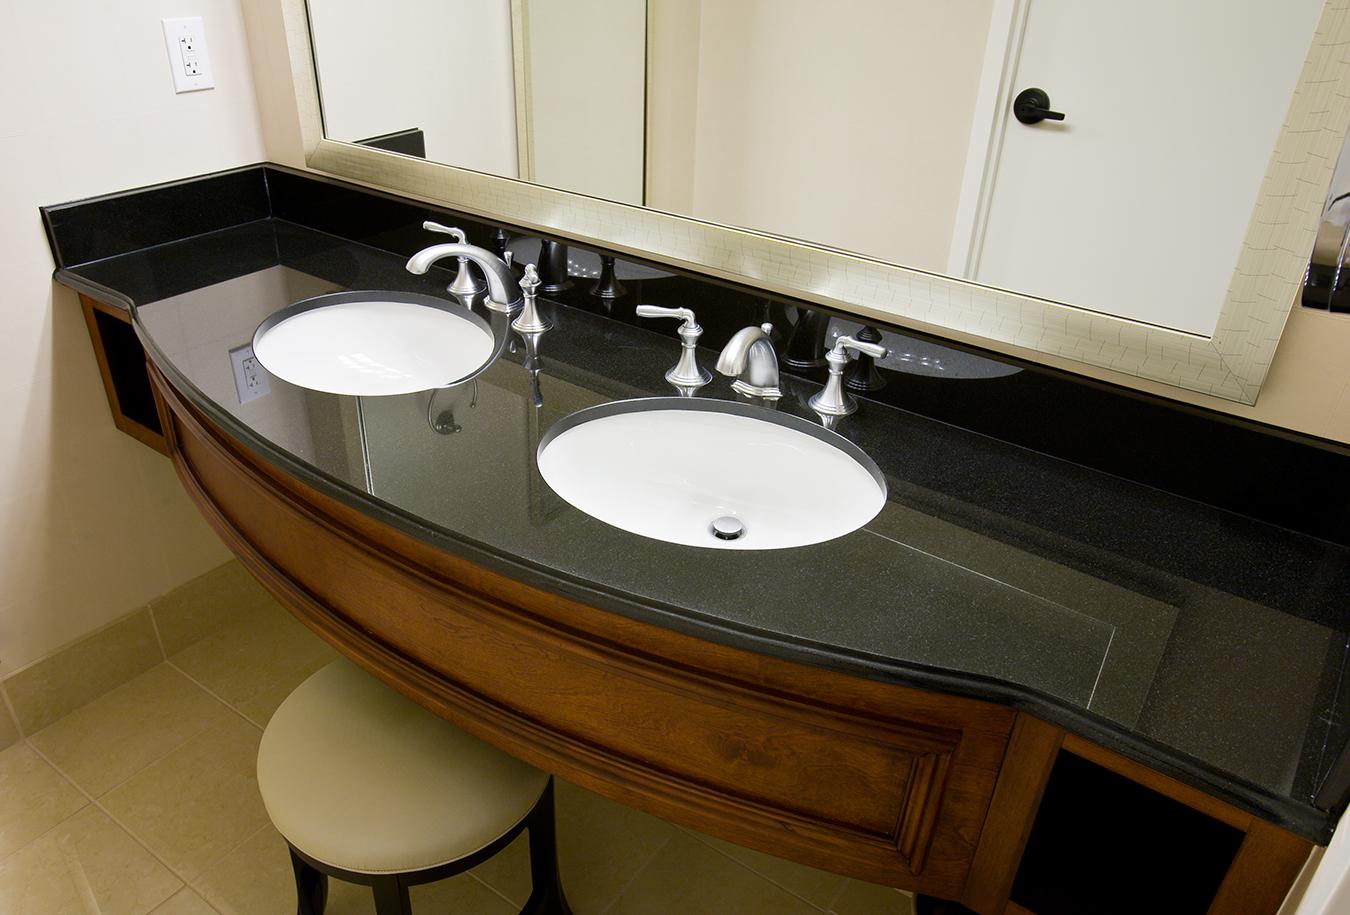 absoulte black granite countertop